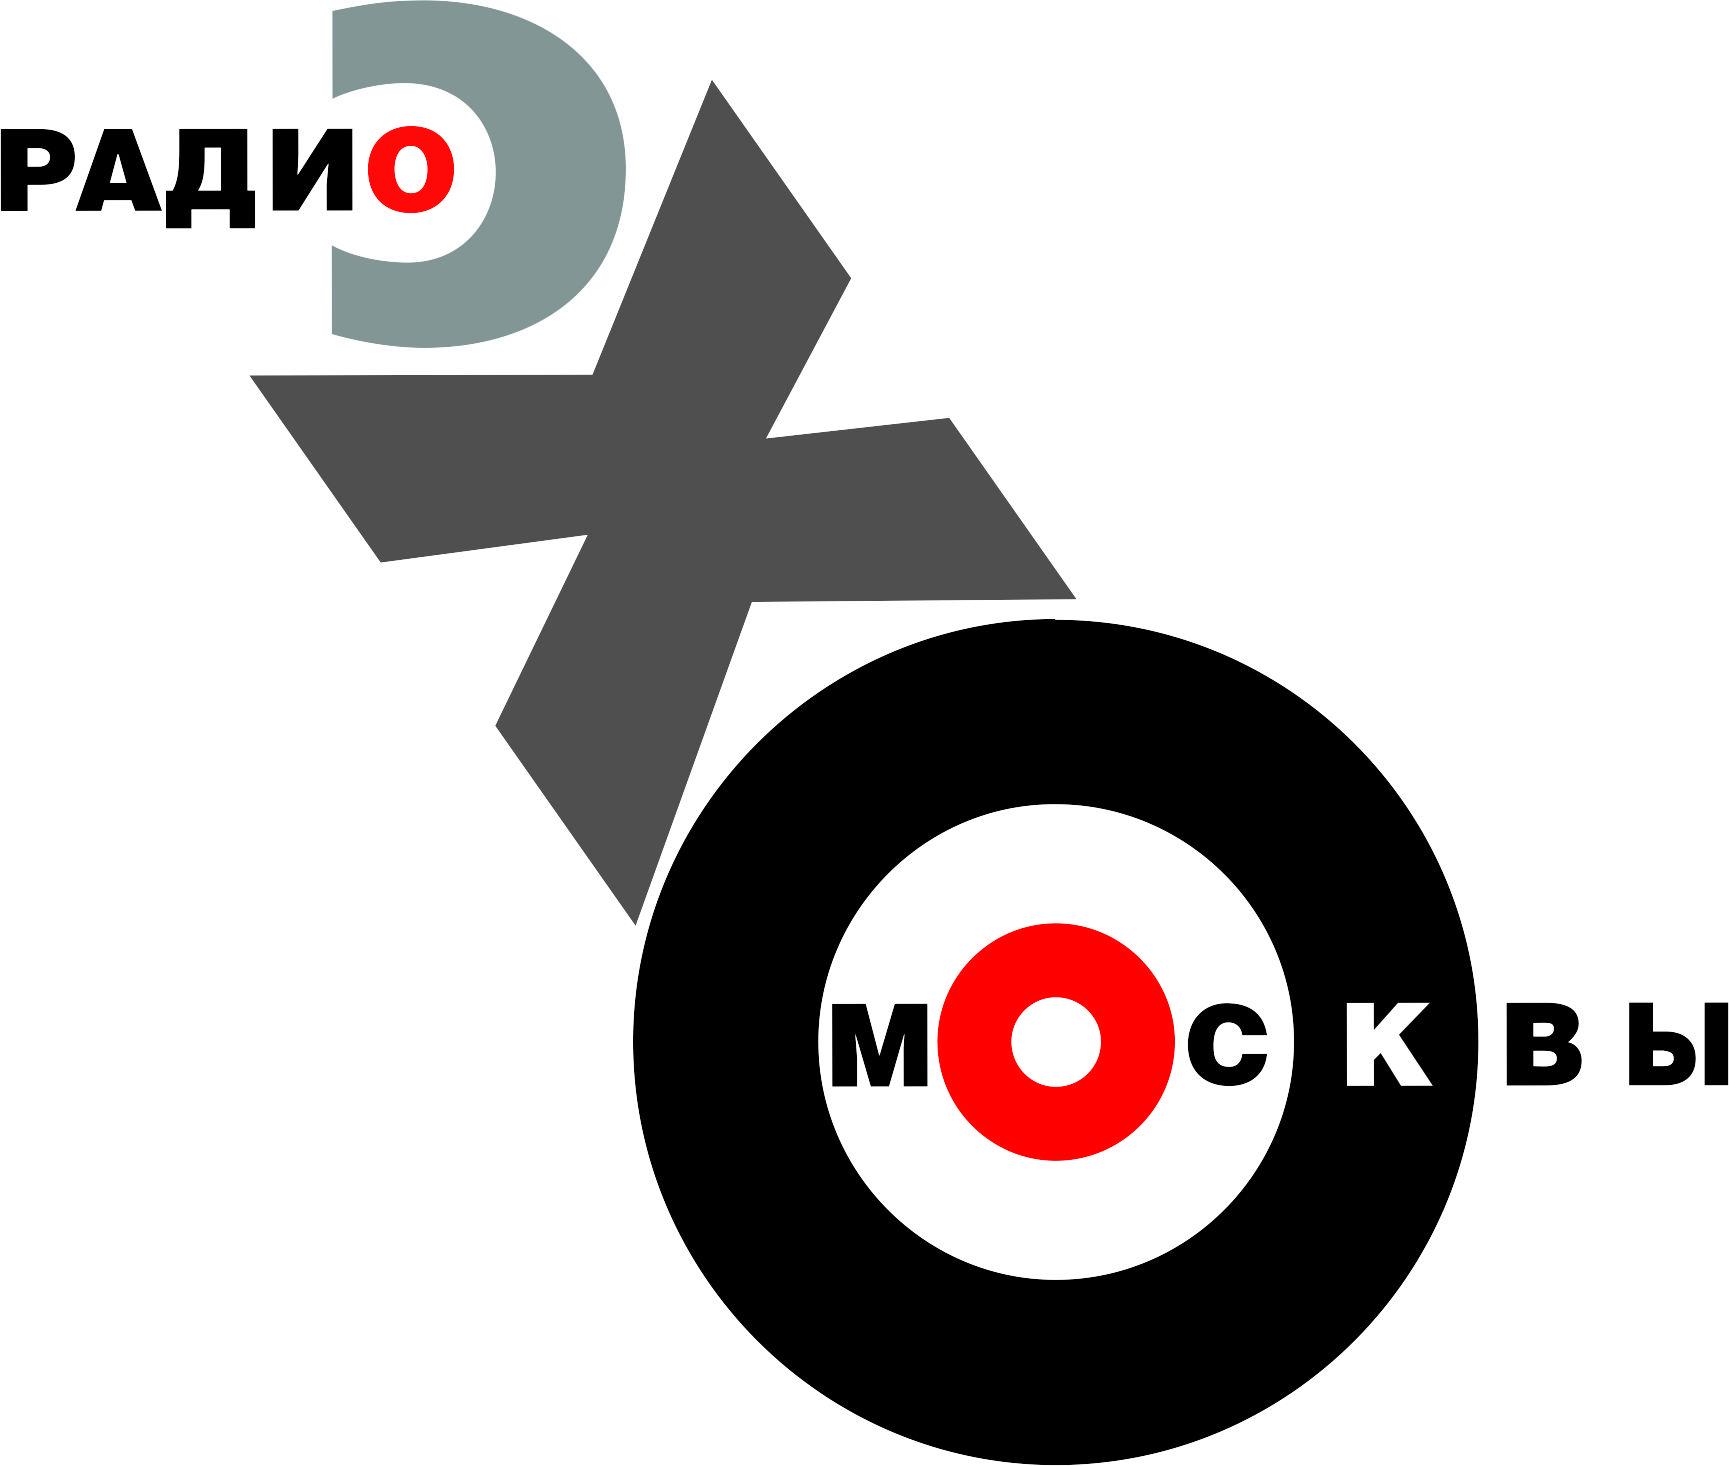 Дизайн логотипа р/с Эхо Москвы. фото f_6765623e909a5f06.jpg